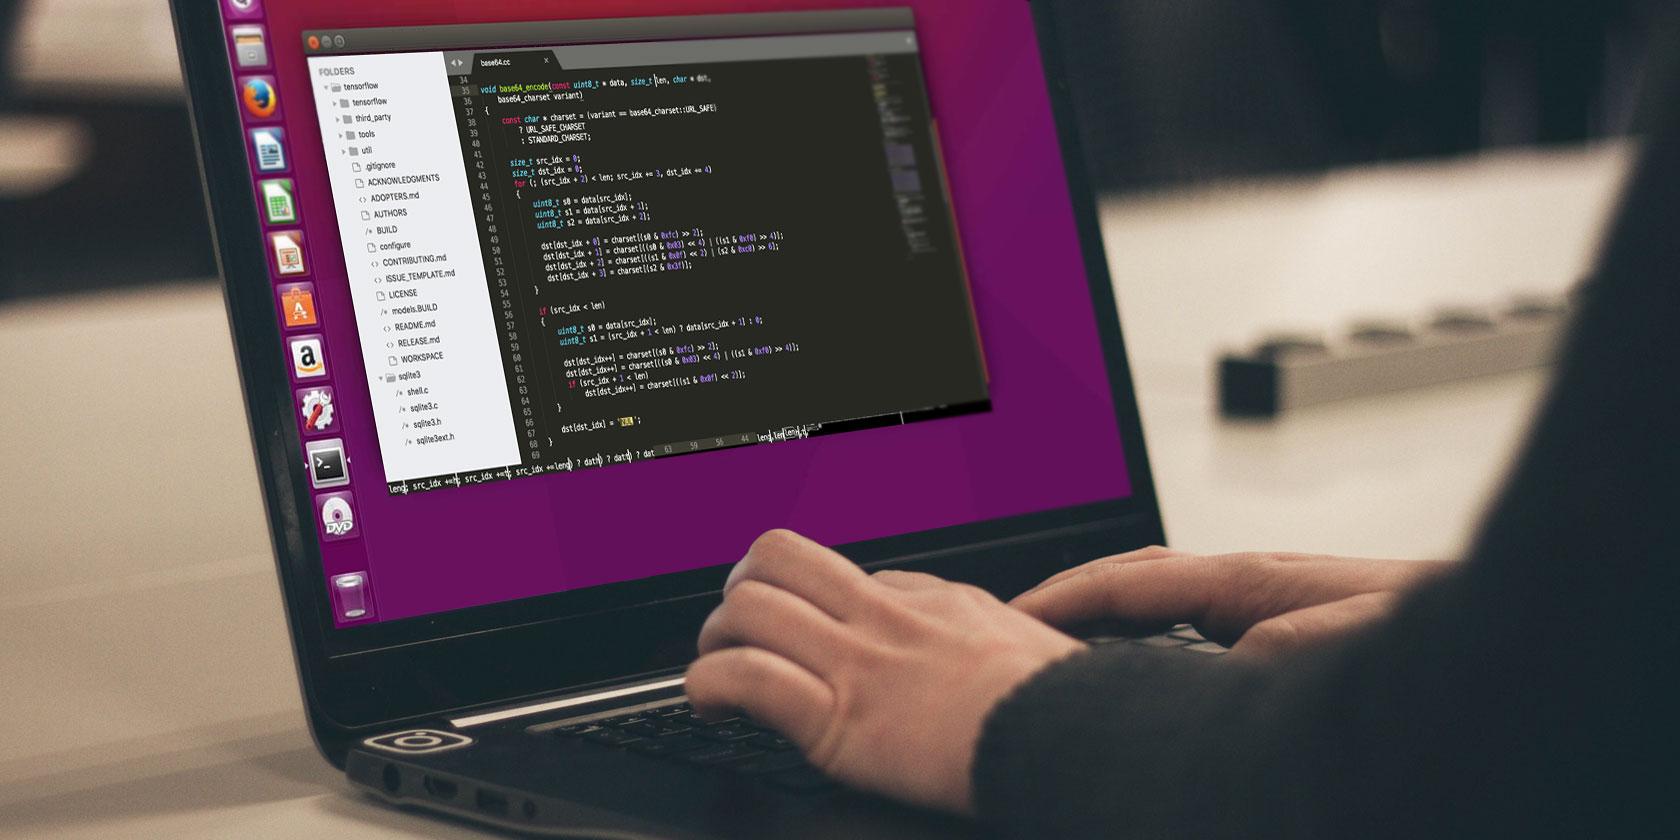 بهترین توزیع های لینوکس برای برنامه نویسان و توسعه دهندگان